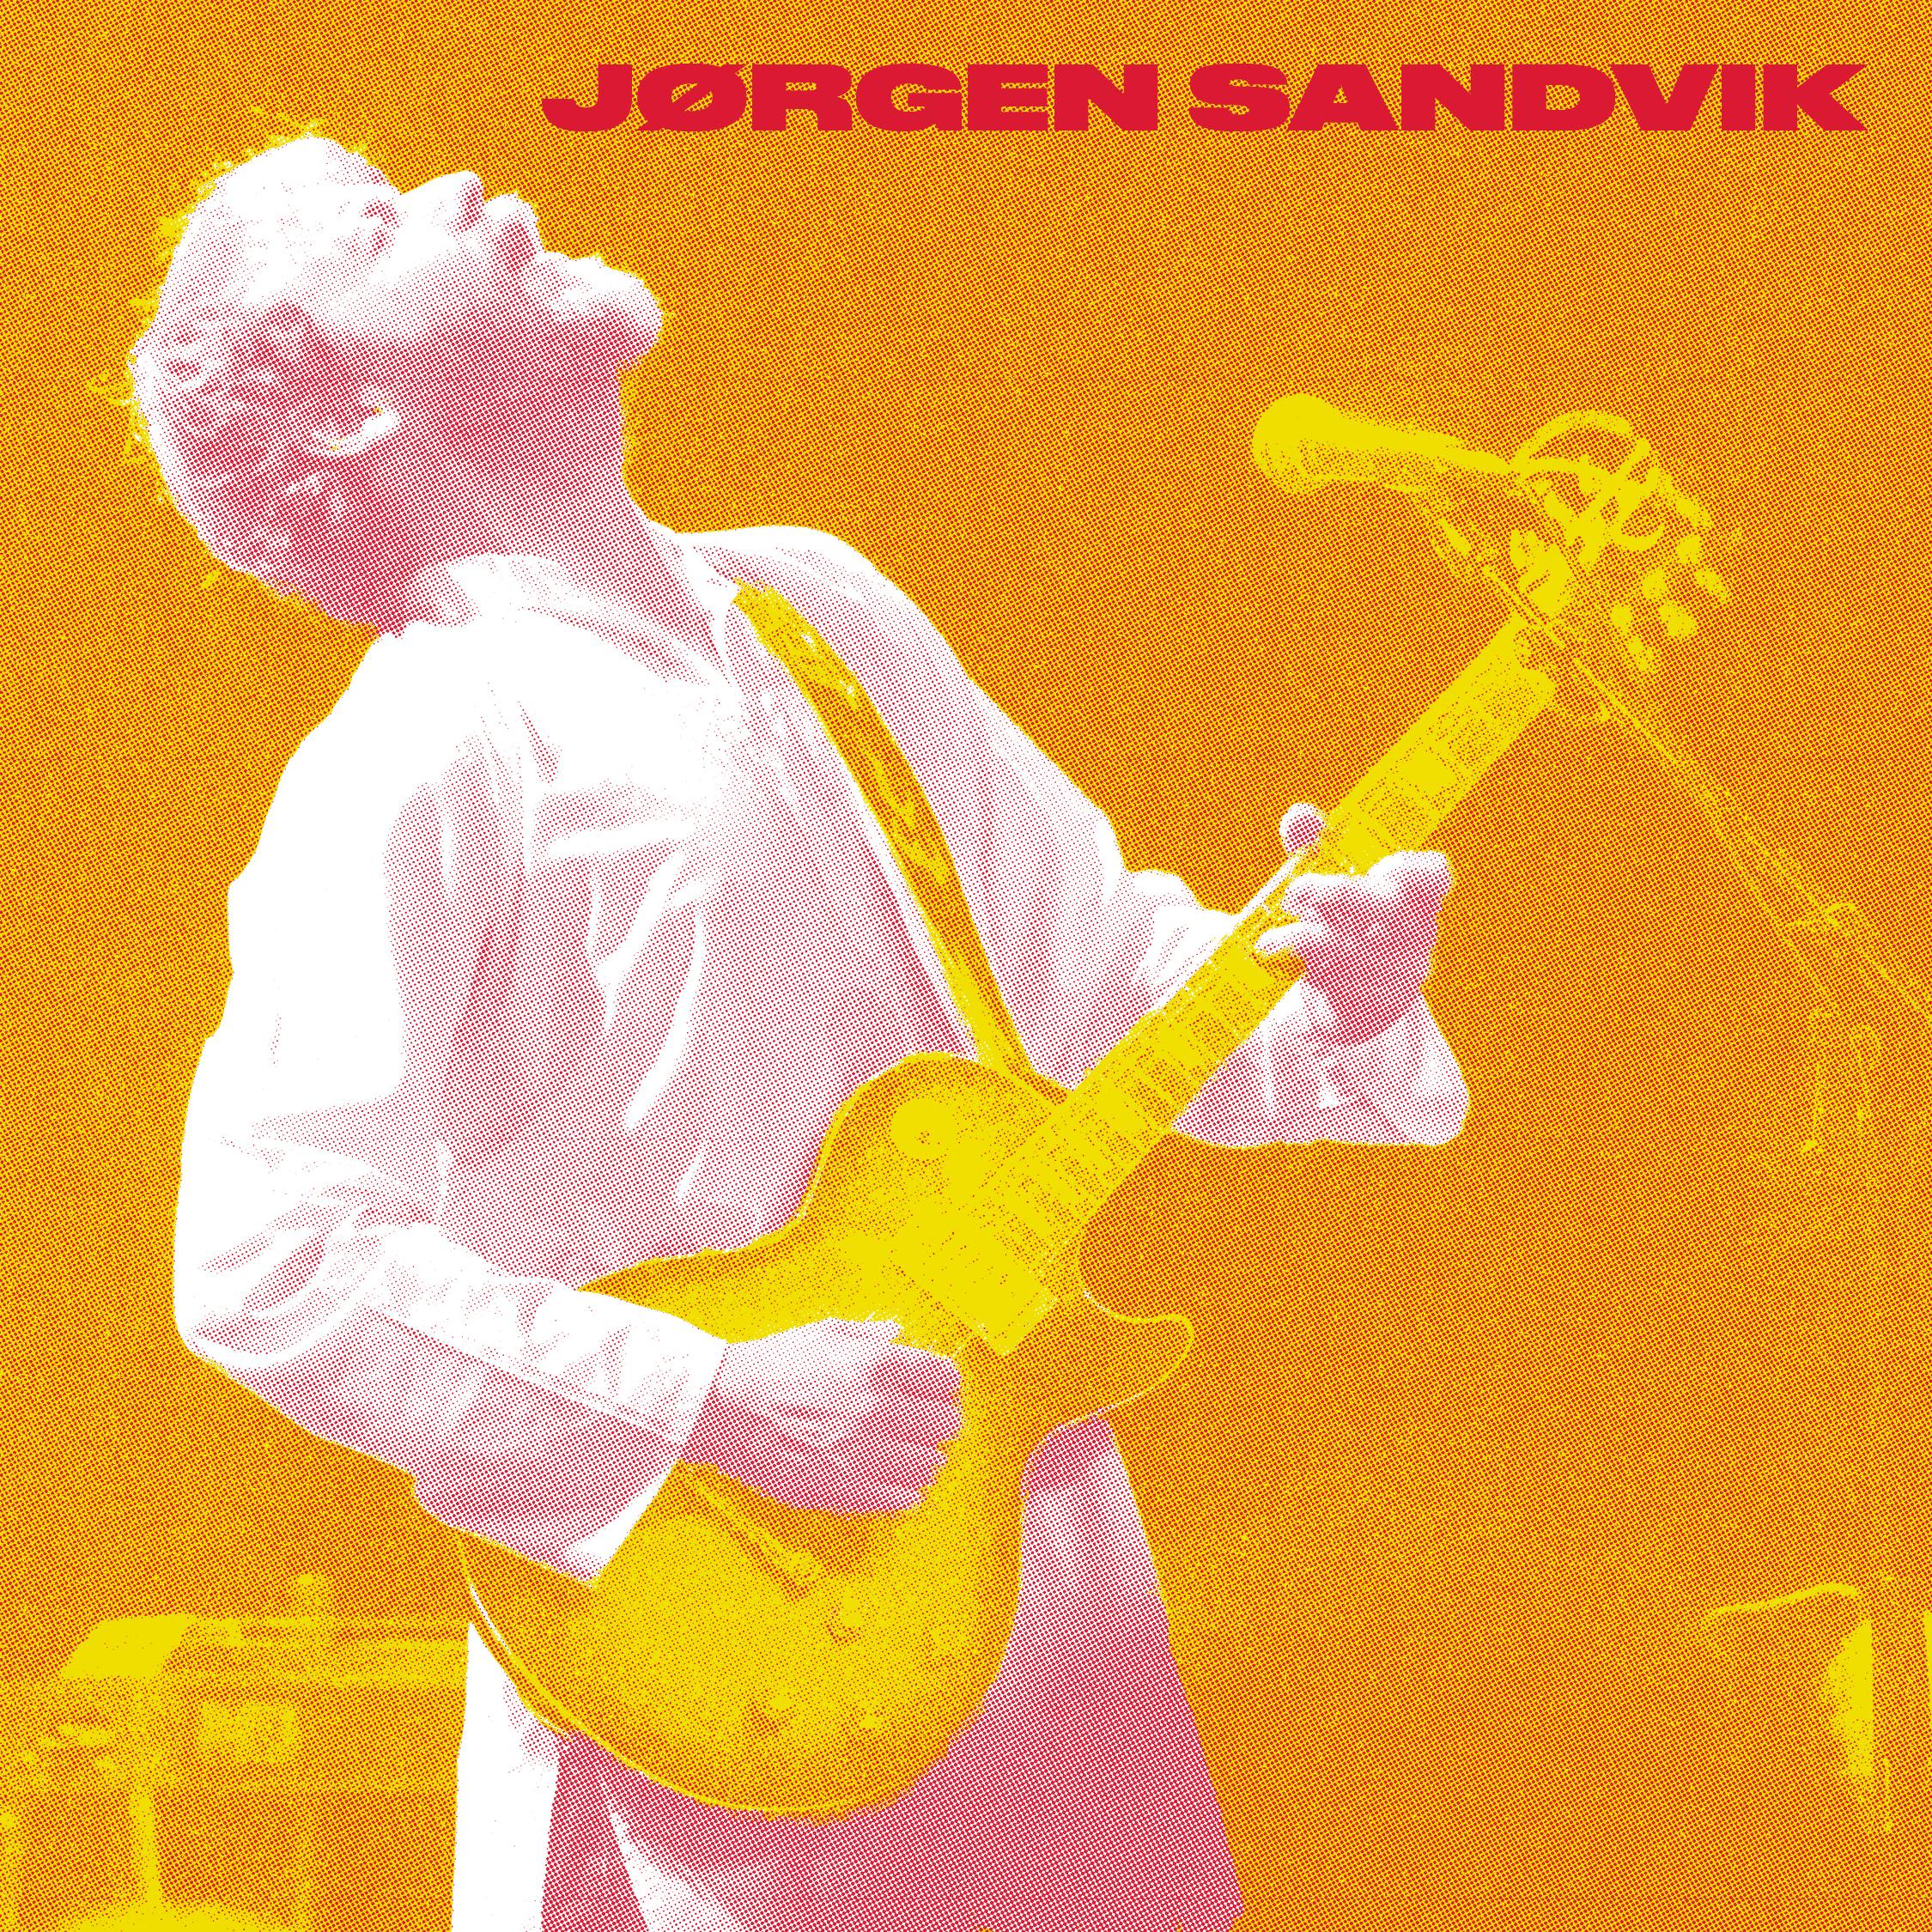 Jørgen Sandvik, kjent fra Real Ones, har nylig sluppet sitt første soloalbum «Permanent Vacation». Mottakelsen har vært god i norsk og utenlandsk presse. Låter fra albumet har vært spilt på mer enn 100 radiostasjoner i Europa, samt på sjanger-relaterte stasjoner i Australia og USA. Som soloartist spiller Jørgen blues og på scenen er han både med og uten band. Bandet består av medlemmer i toppklassen av Bergens profesjonelle musikkmiljø.